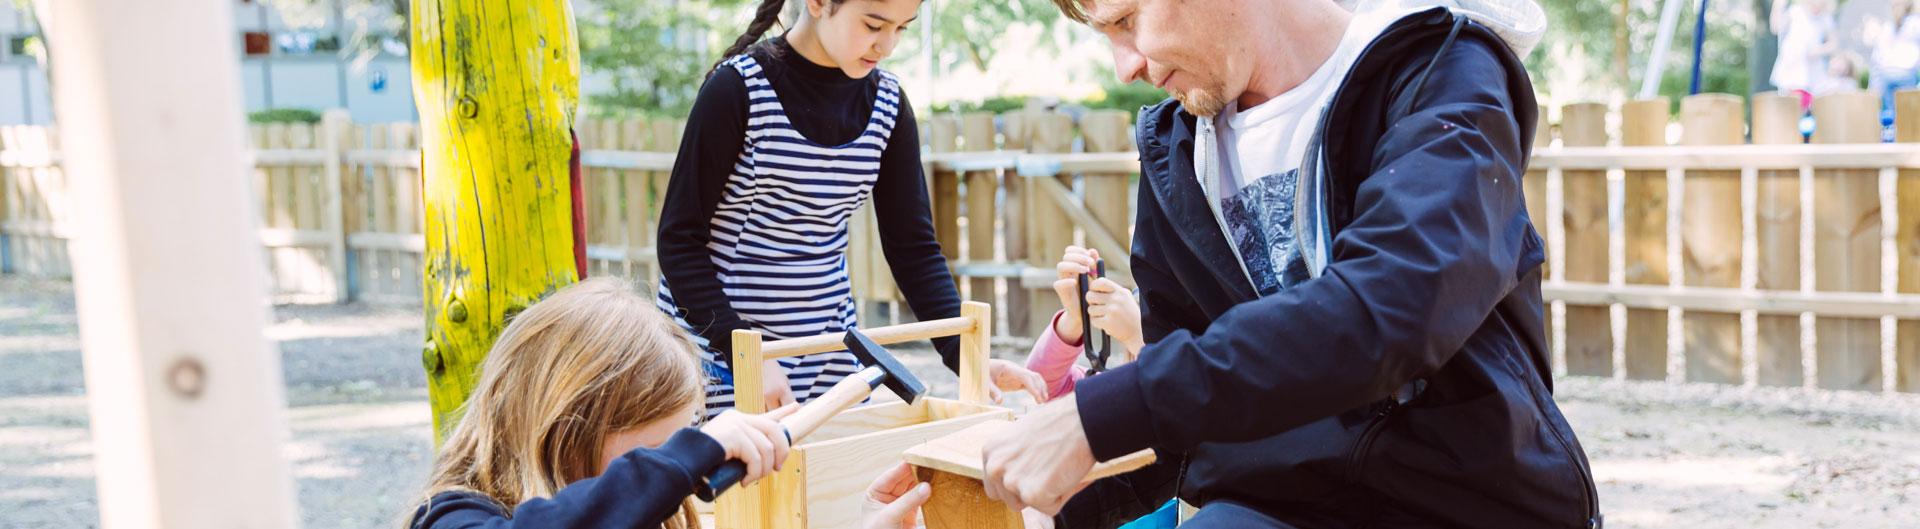 Ein Betreuer baut mit zwei Kindern aus Holz Nistkästen.